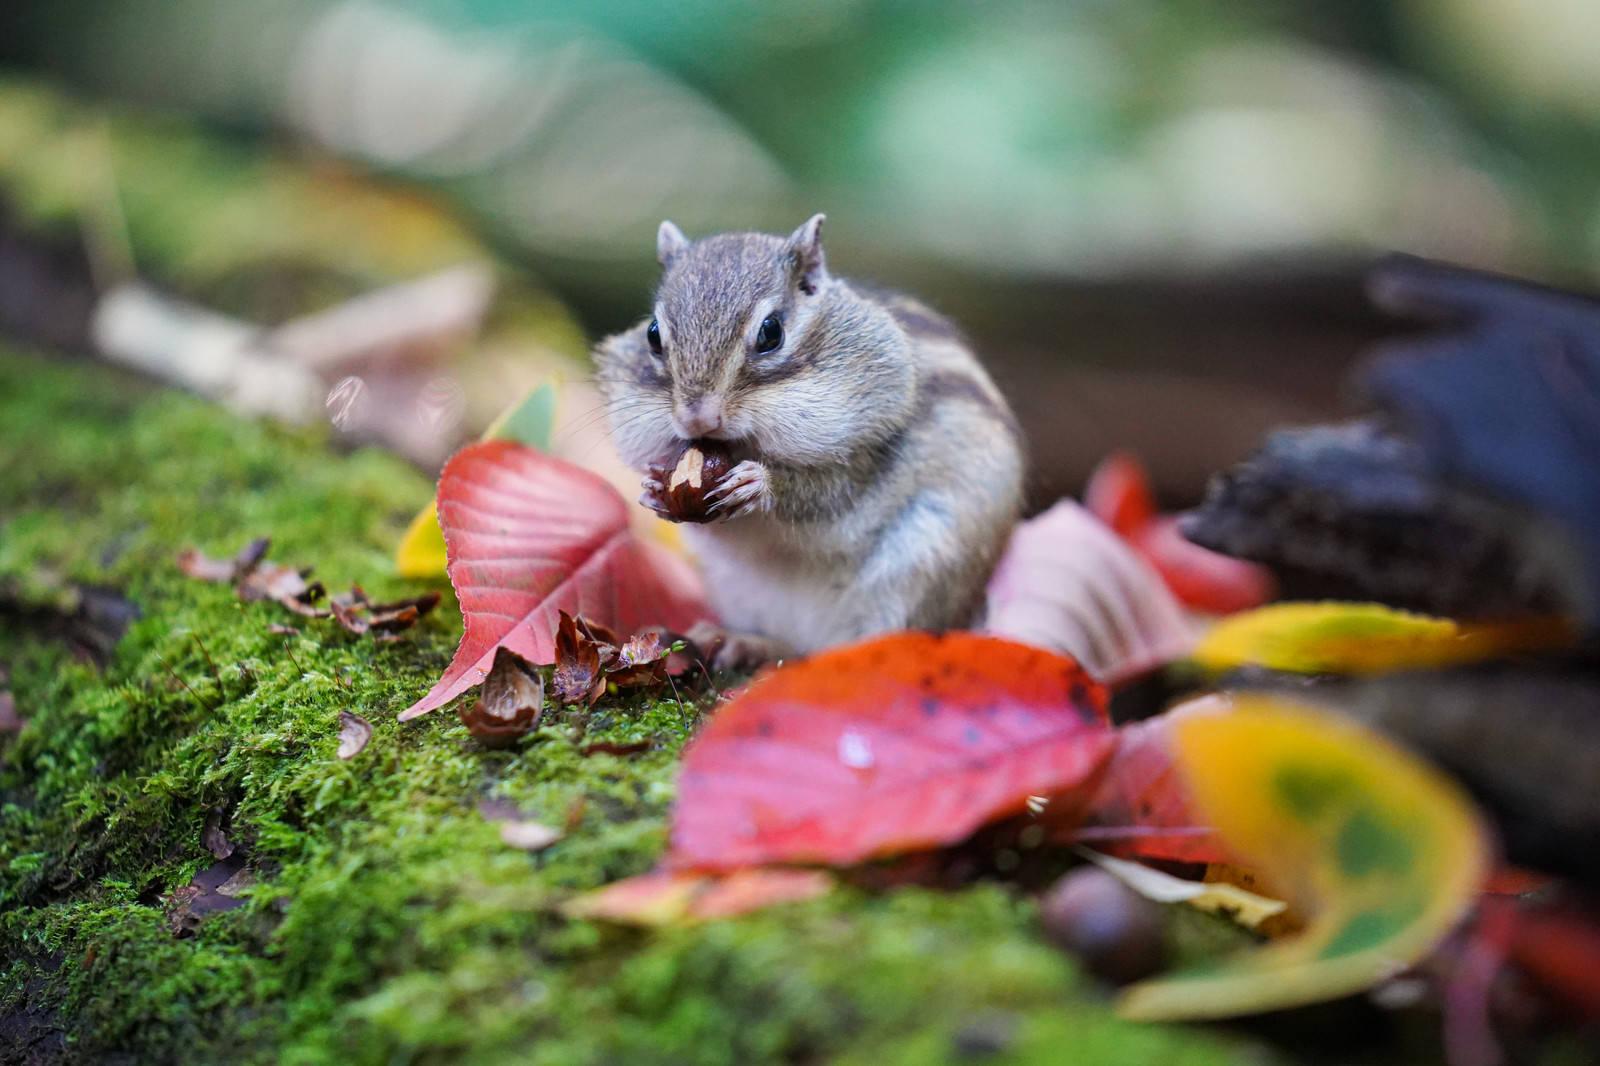 「頬袋に詰め込めむ野生のリス」の写真